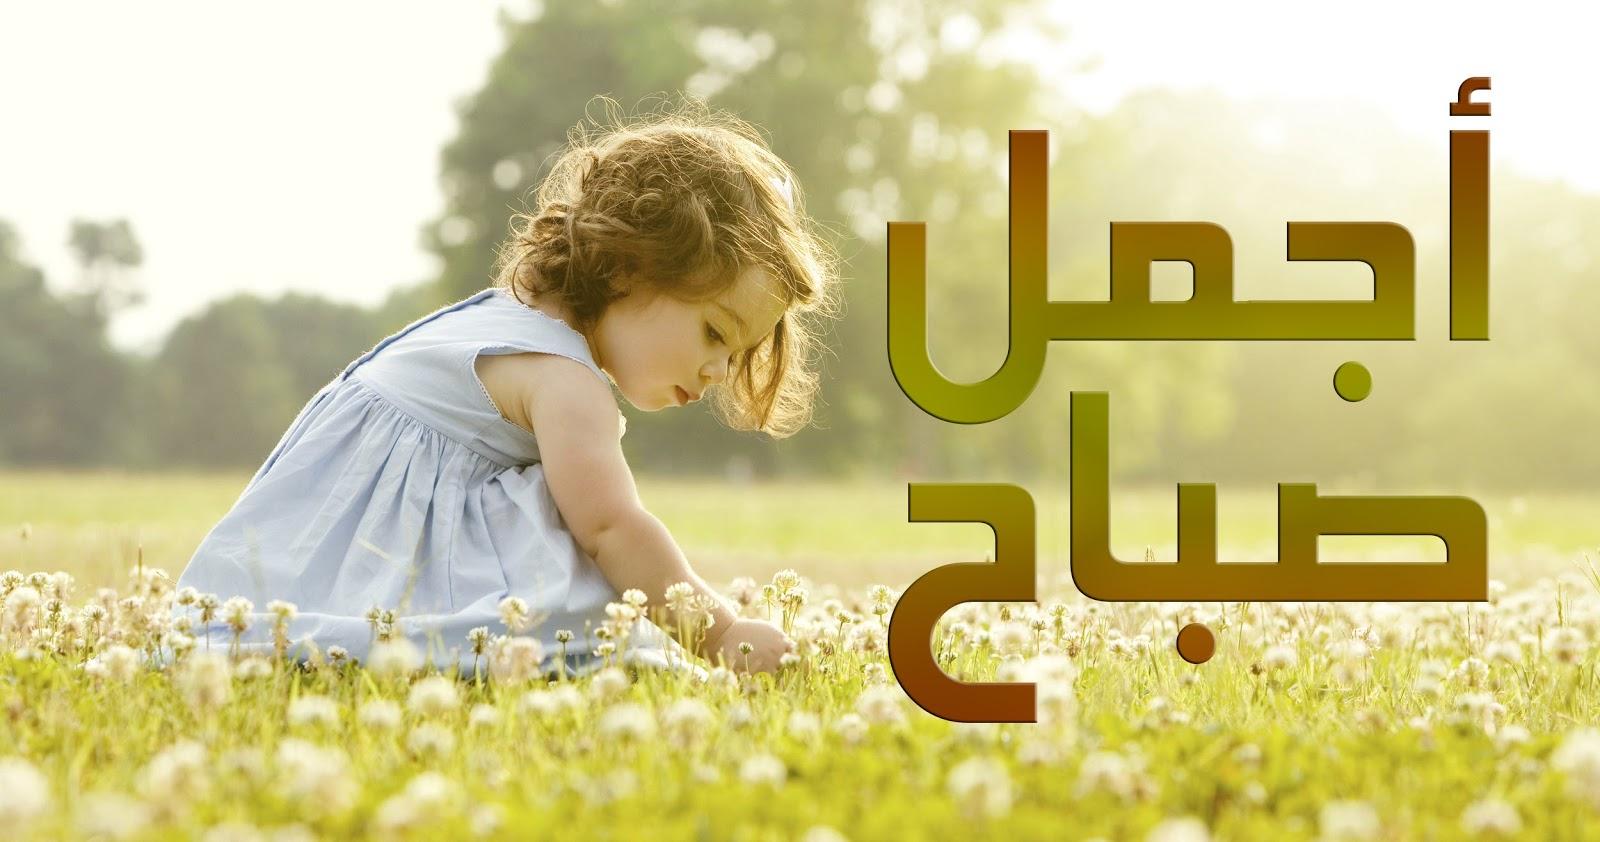 مسجات صباح الخير رسائل صباح الخير 100 رسالة صباحية